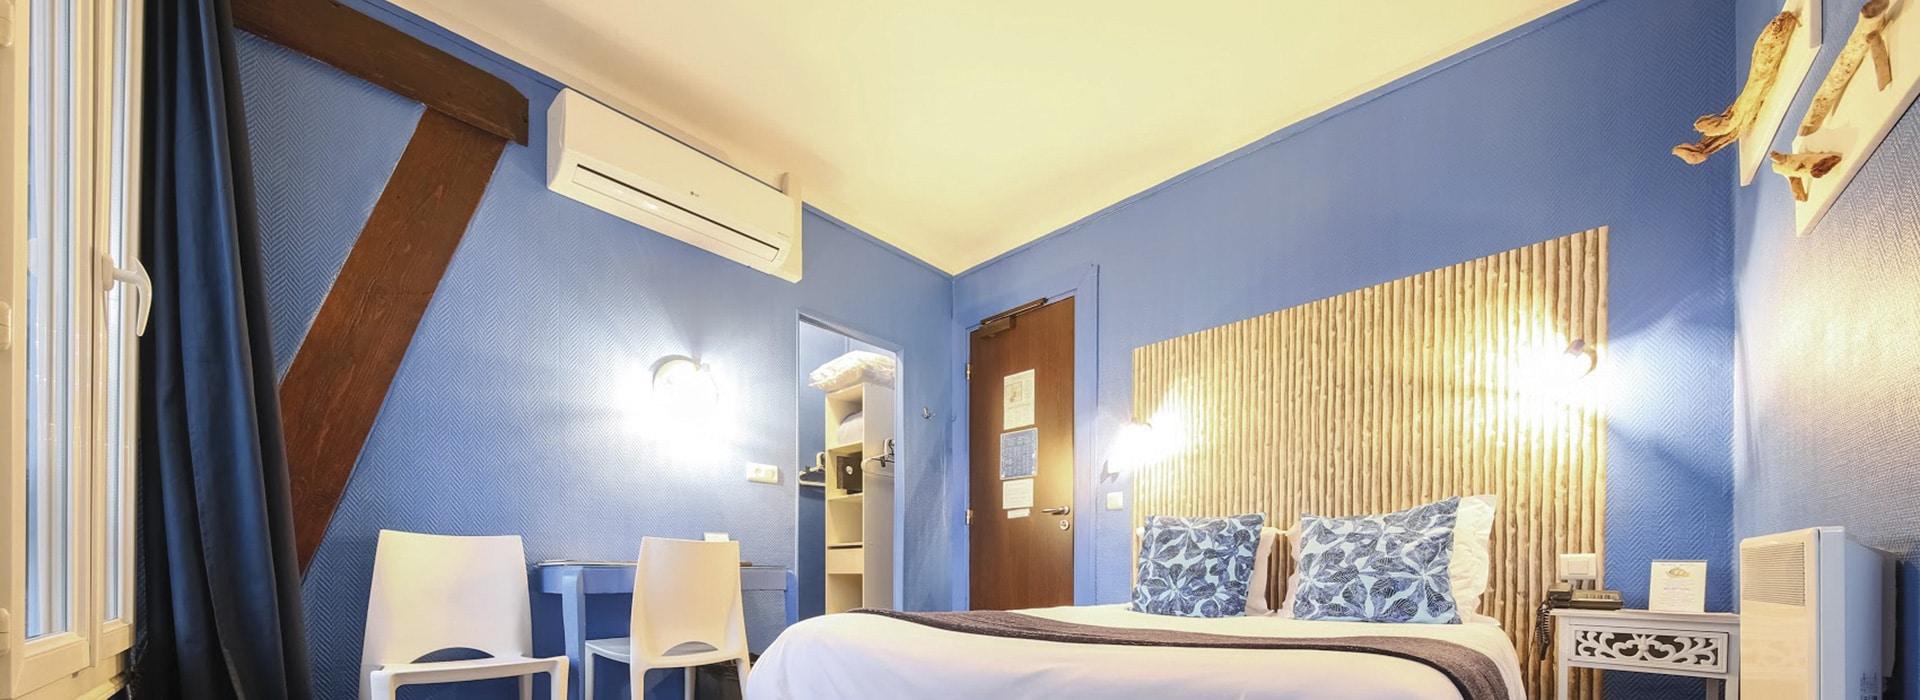 hotel-azur-chambre5